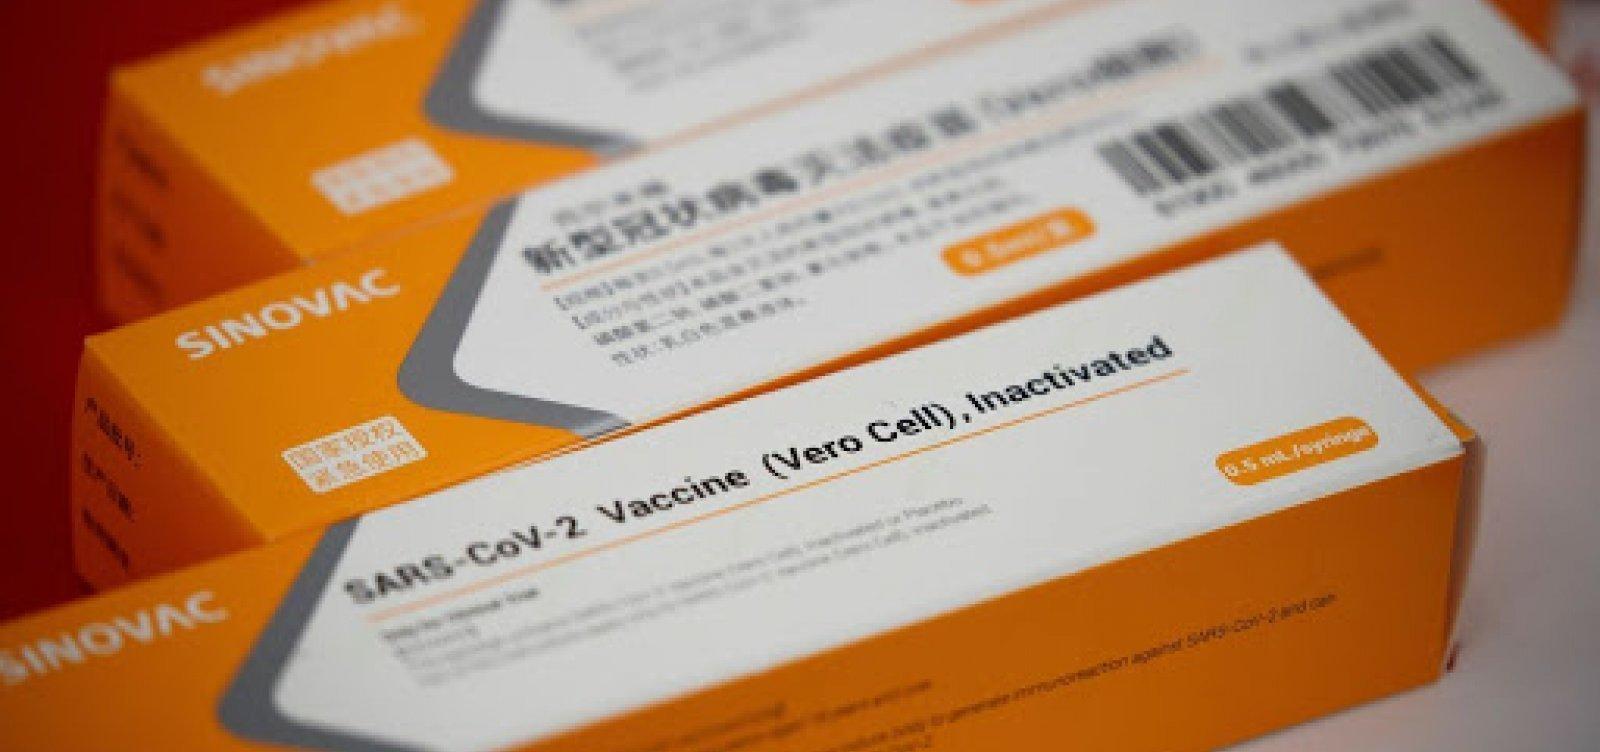 Governo deve assinar contrato para compra de 54 milhões de doses de CoronaVac na terça-feira